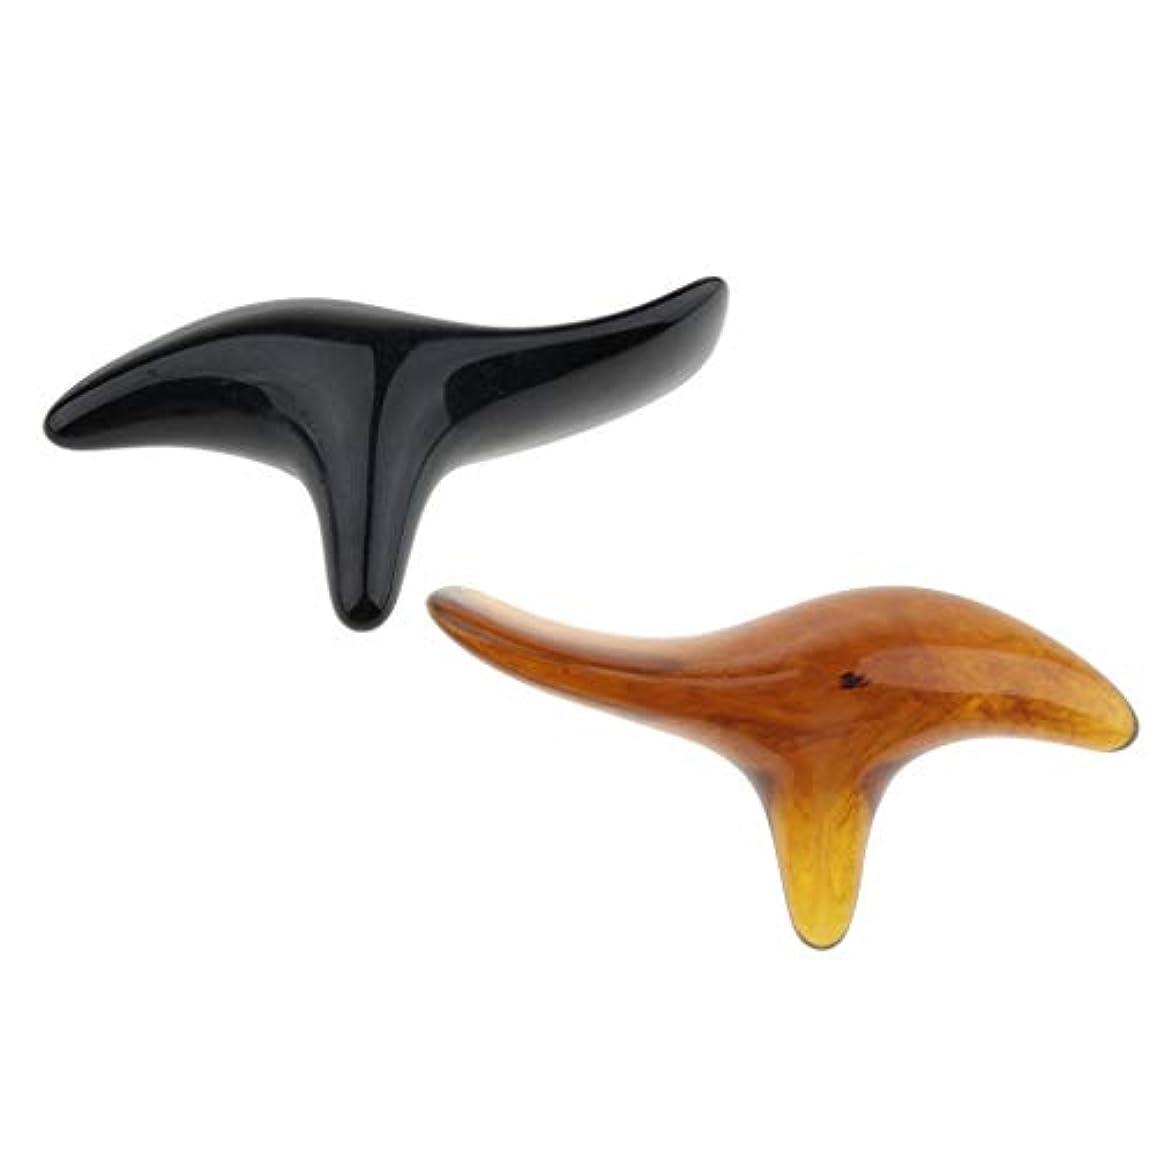 強大な些細担保2個 フットマッサージ スティック マッサージ棒 ツボ押しグッズ 疲労緩和 健康グッズ 実用